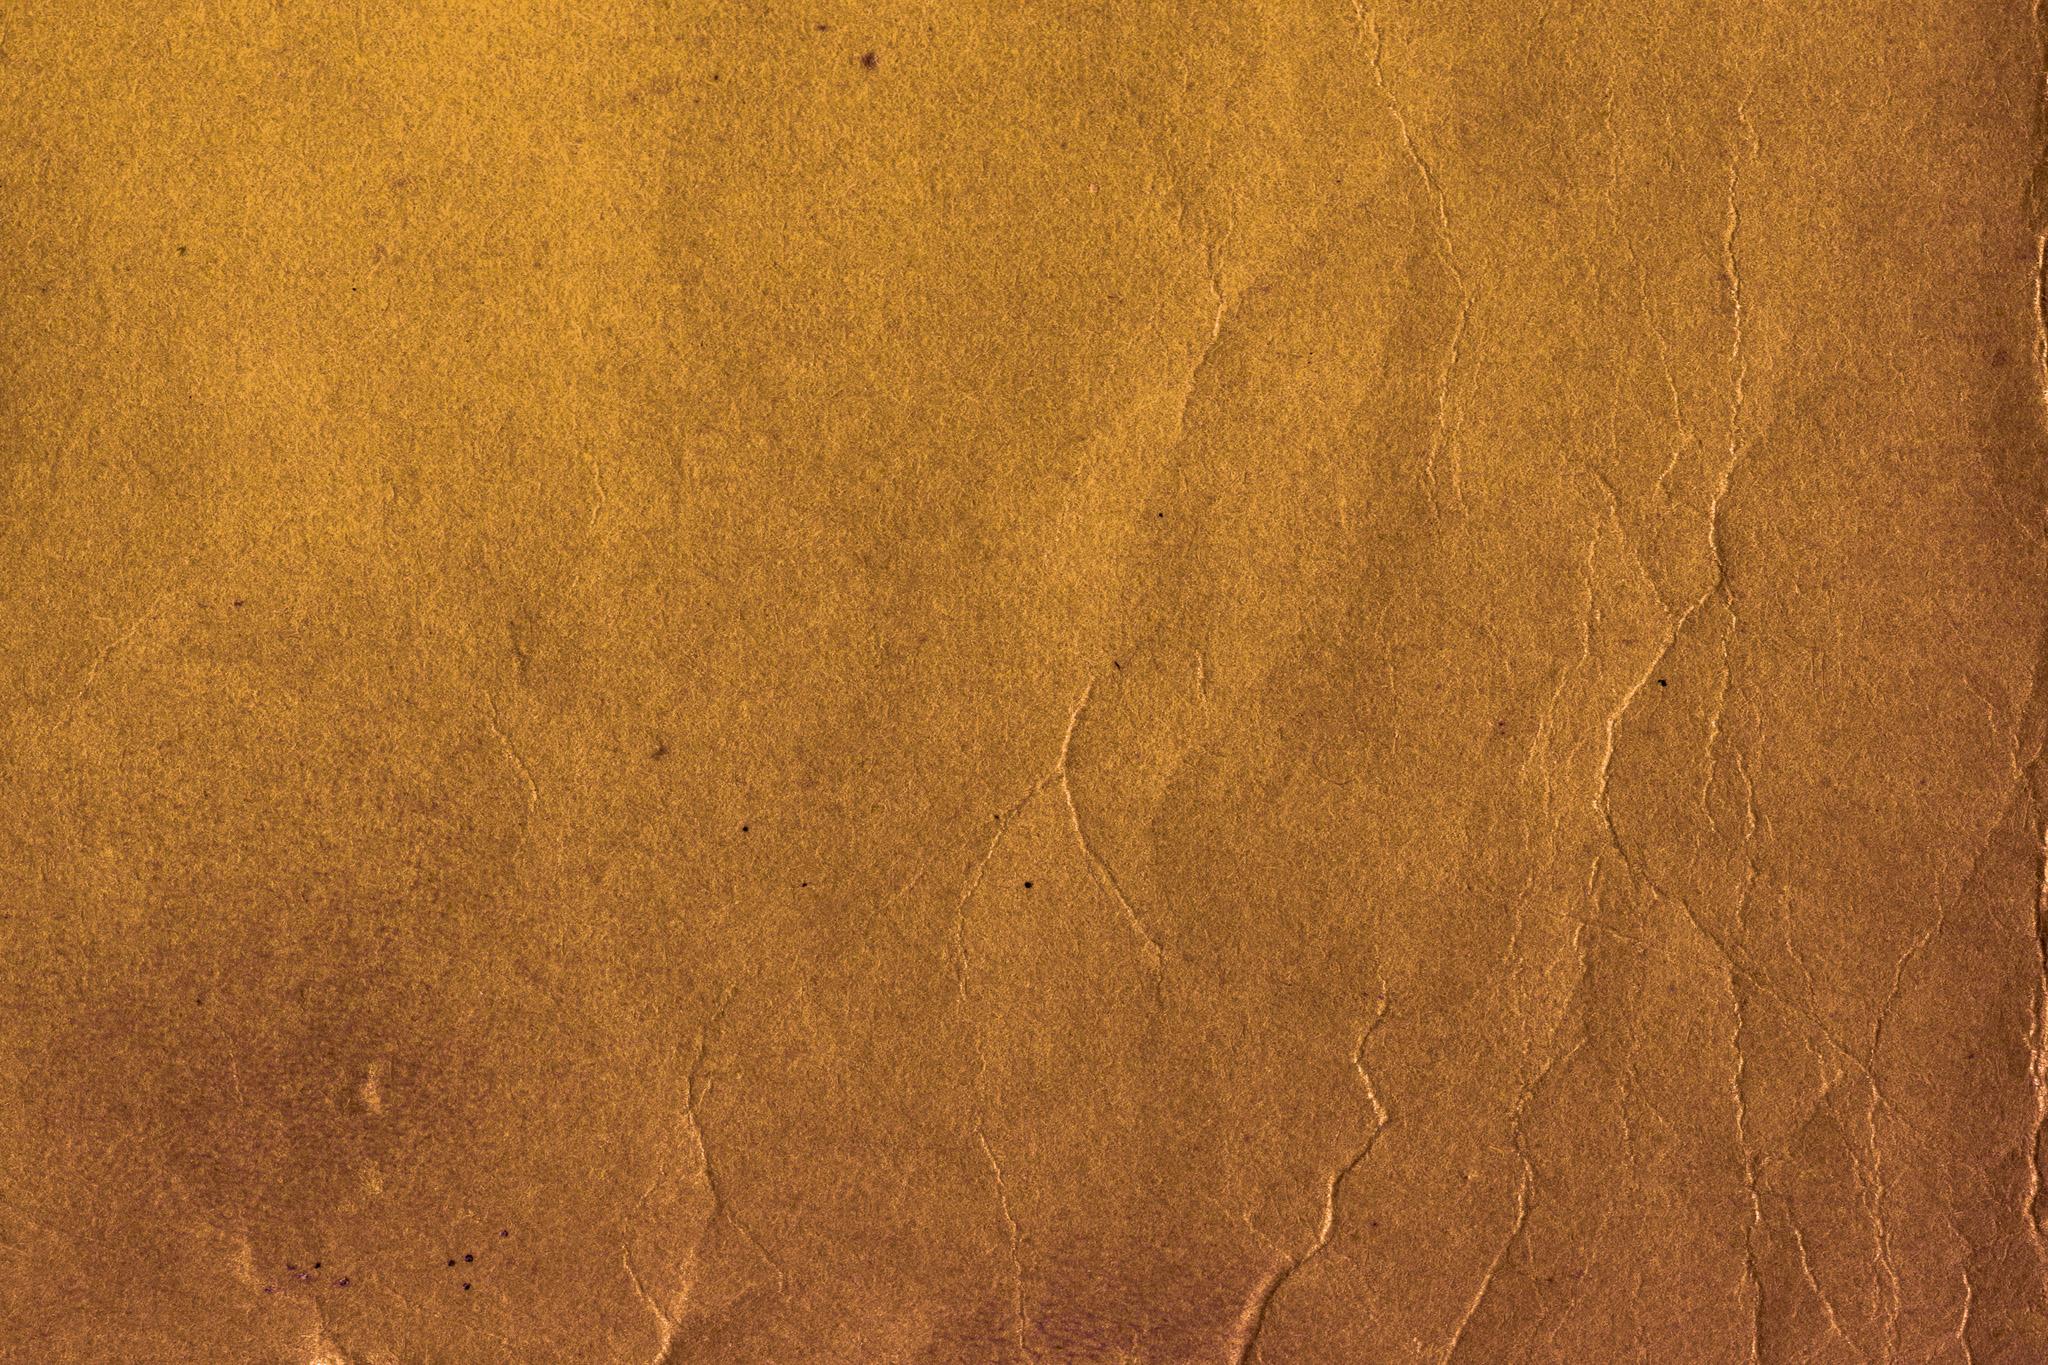 細かいシワのある古い赤茶色の紙